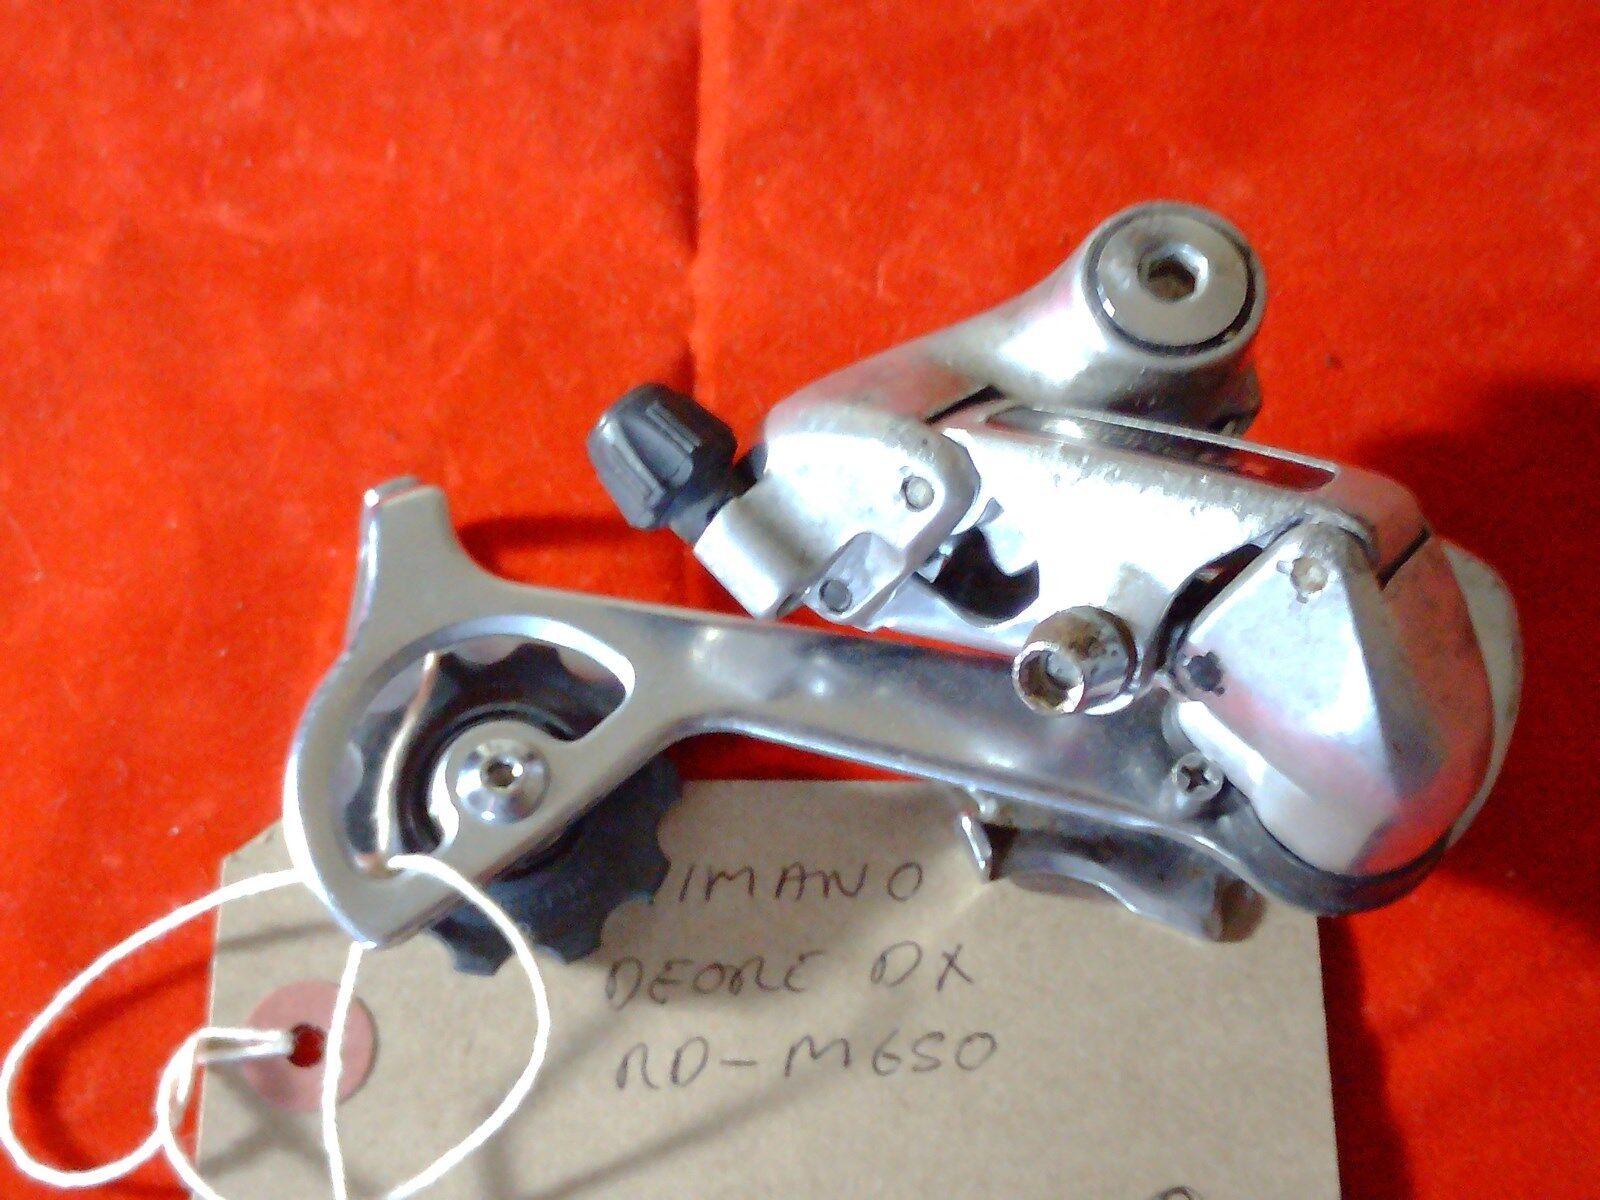 SHIMANO DEORE DX RDM650 Deragliatore Posteriore 1992